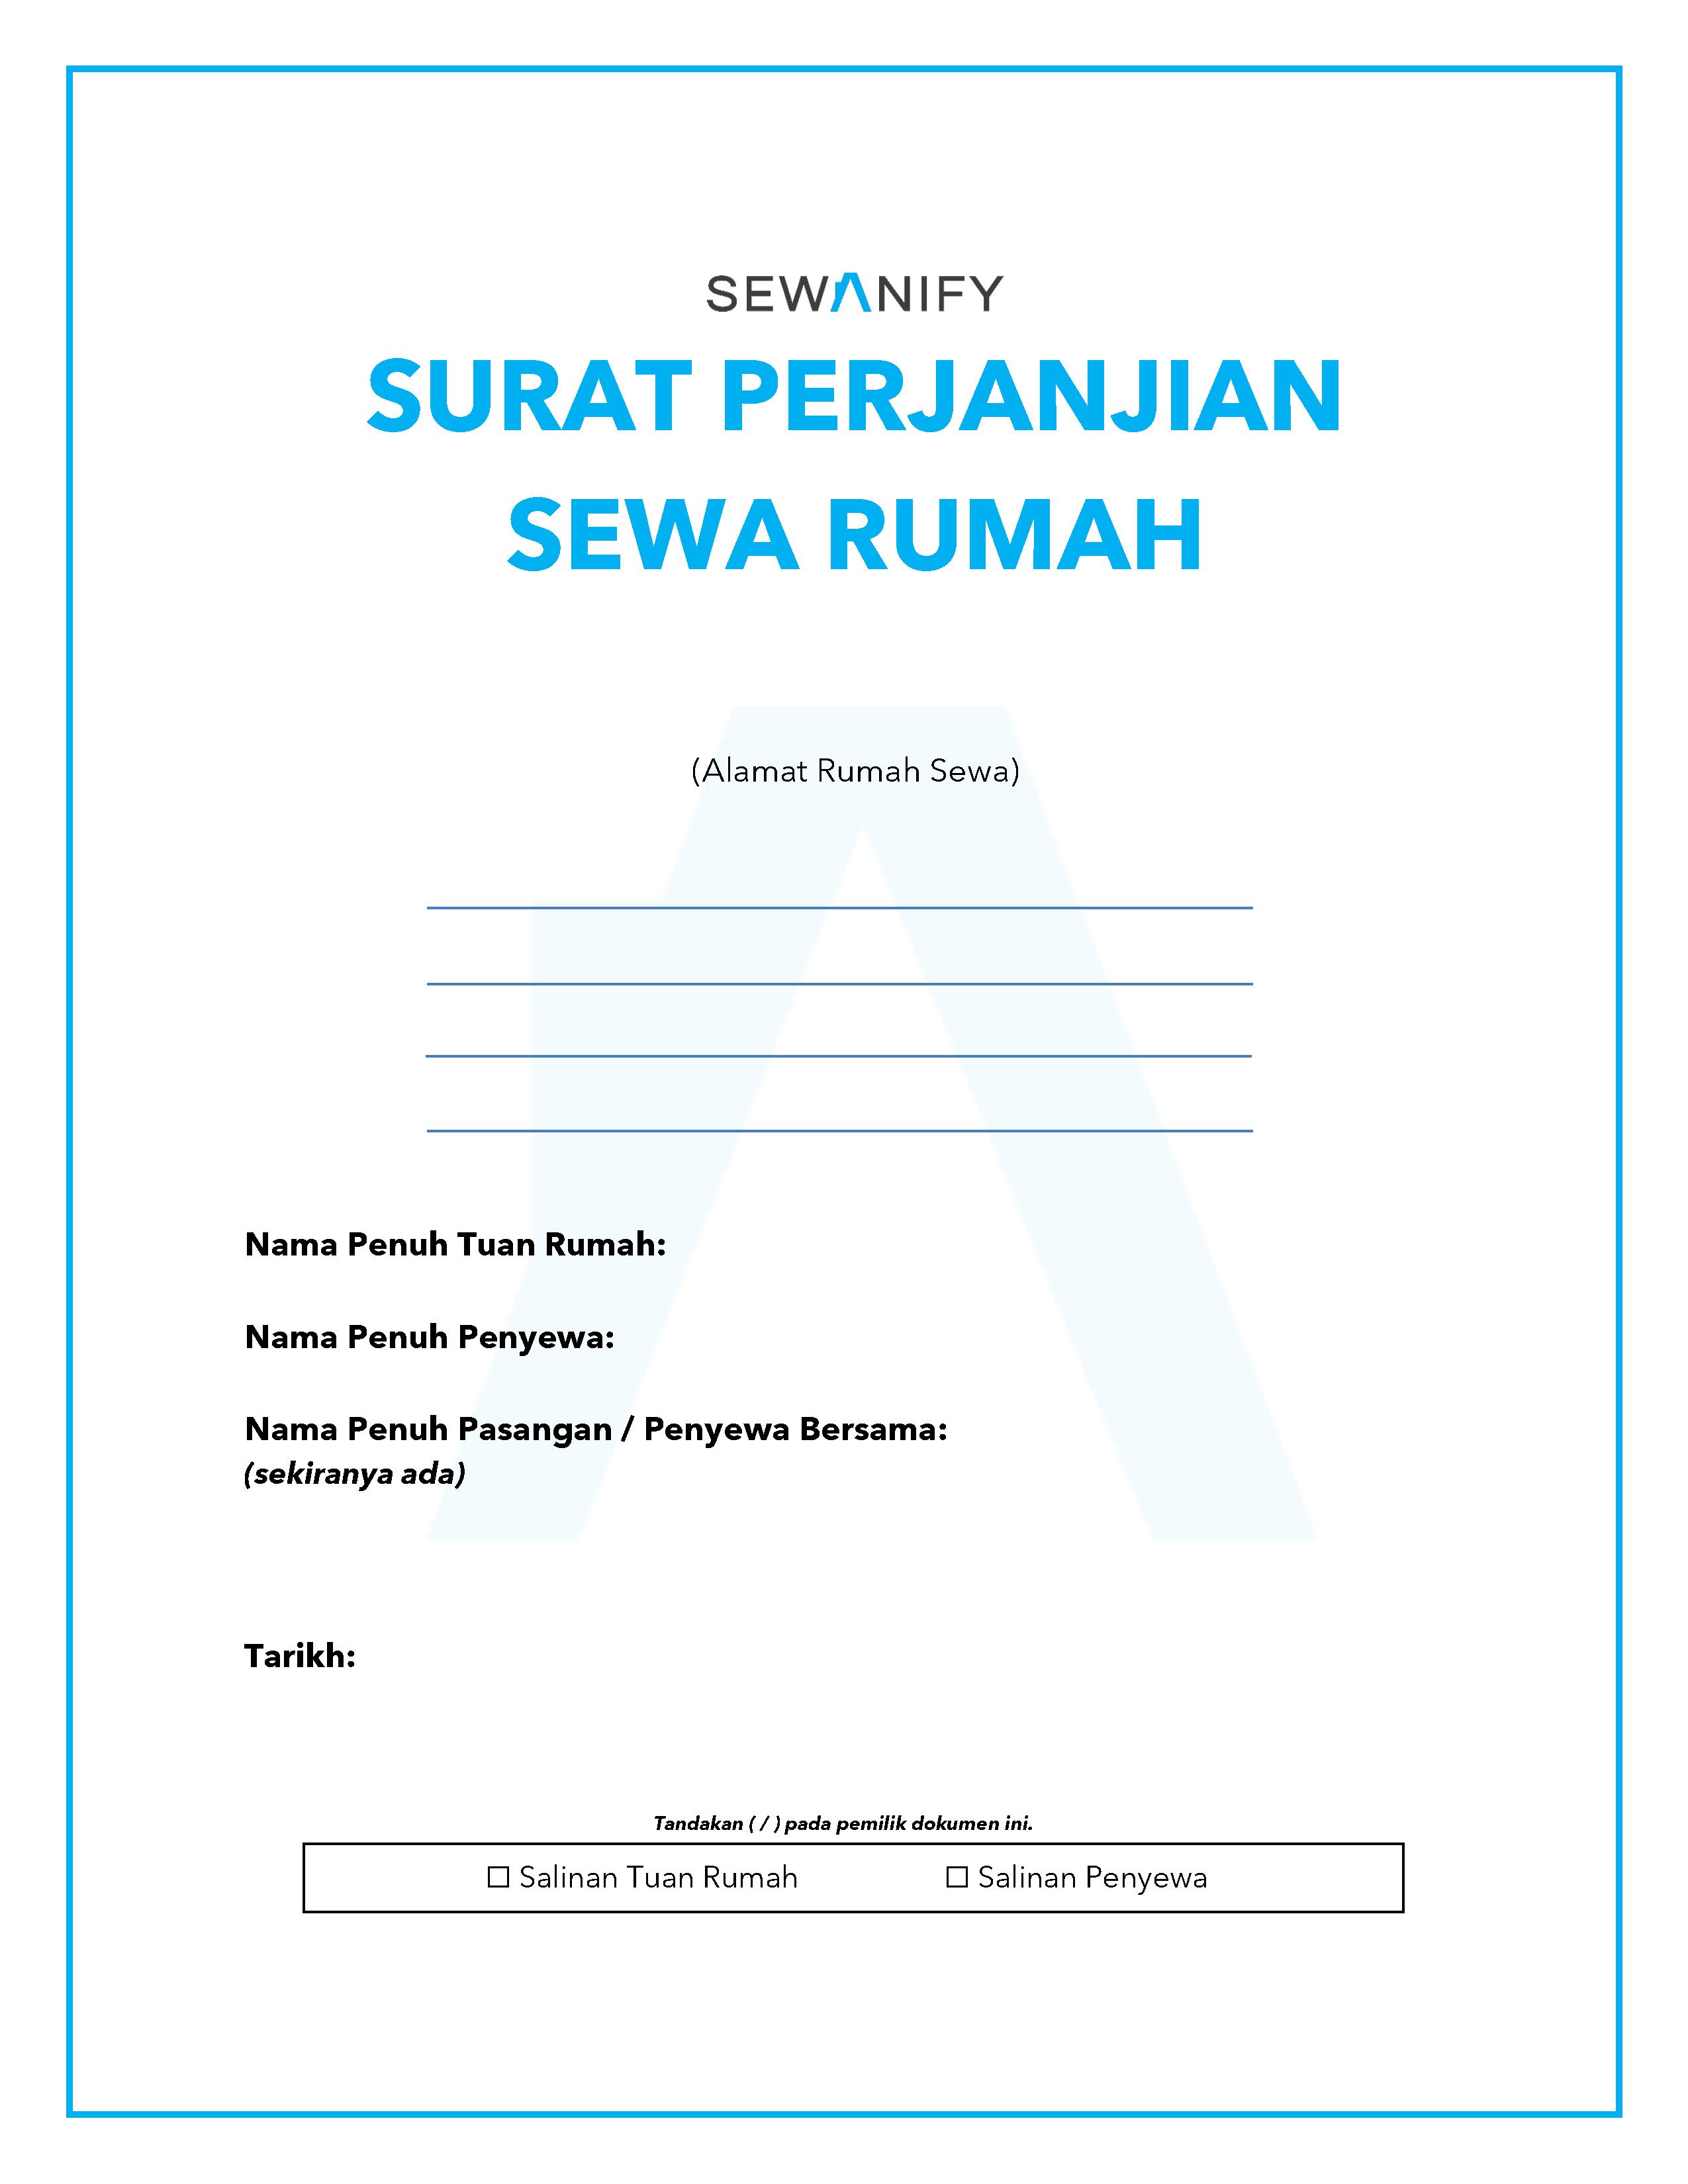 Surat Perjanjian Sewa Rumah 2021_Page_01-min